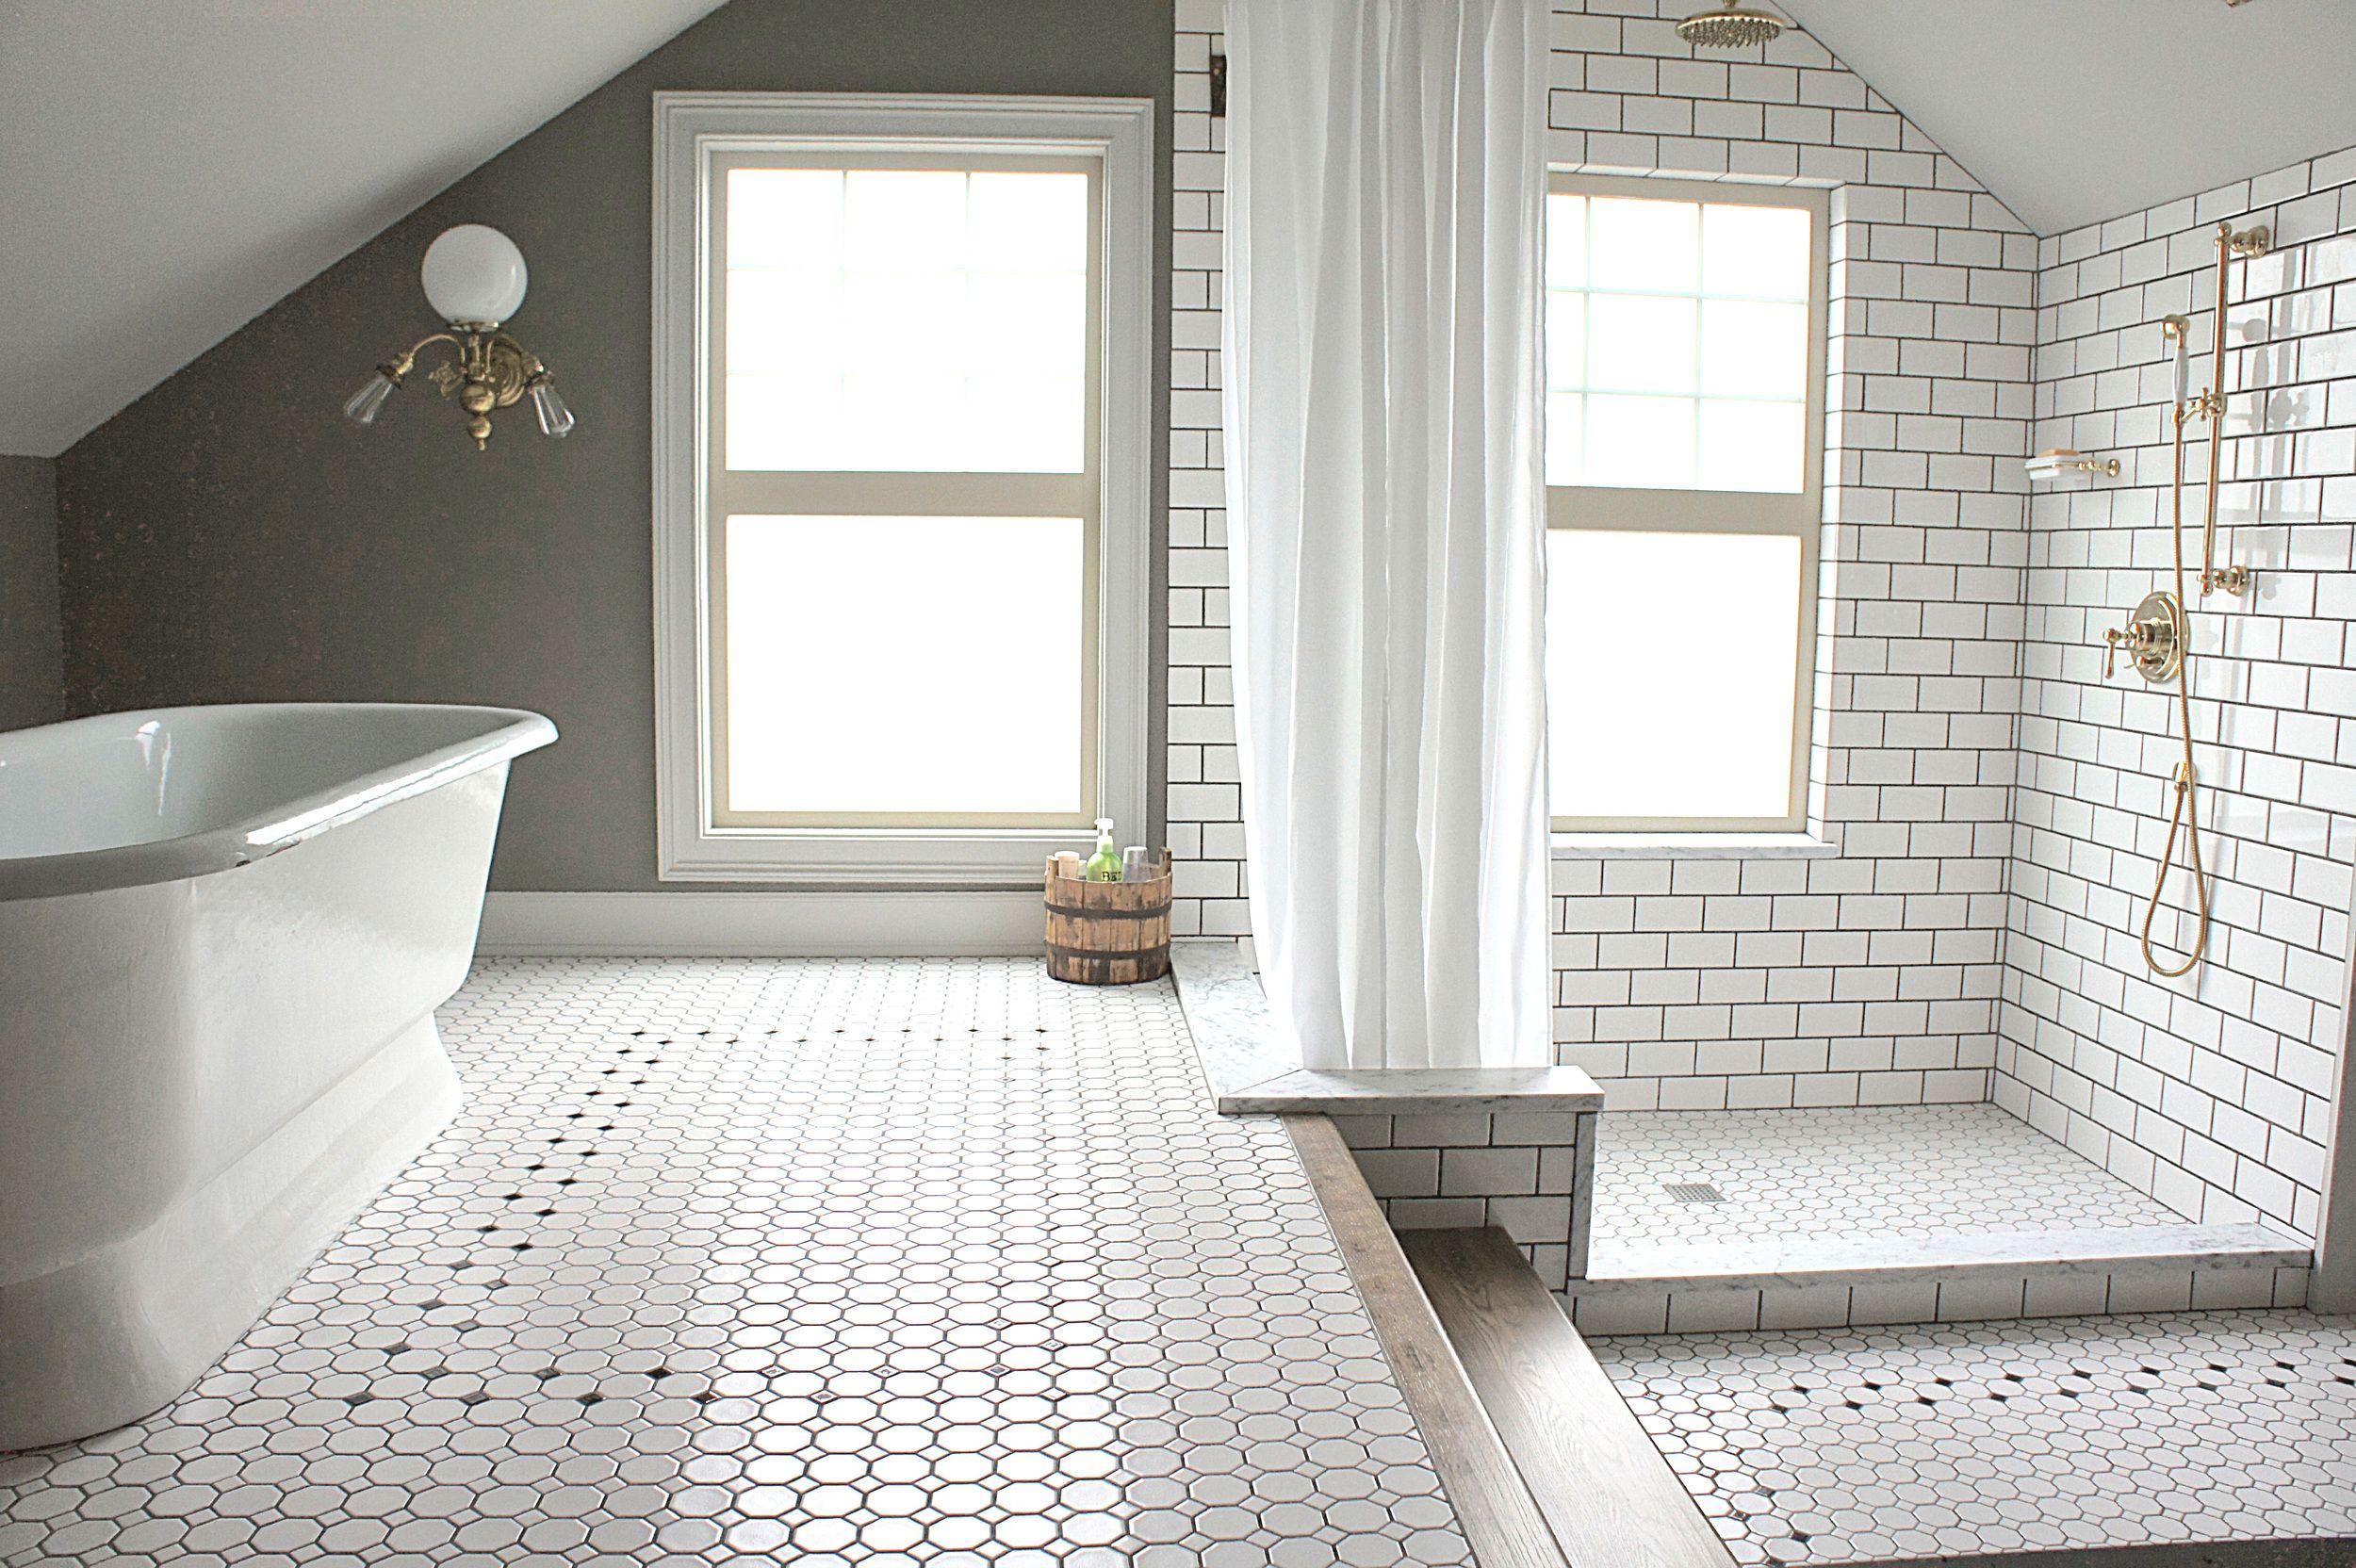 Coole Badezimmer ~ Praktische und coole badezimmer organisation ideen attic